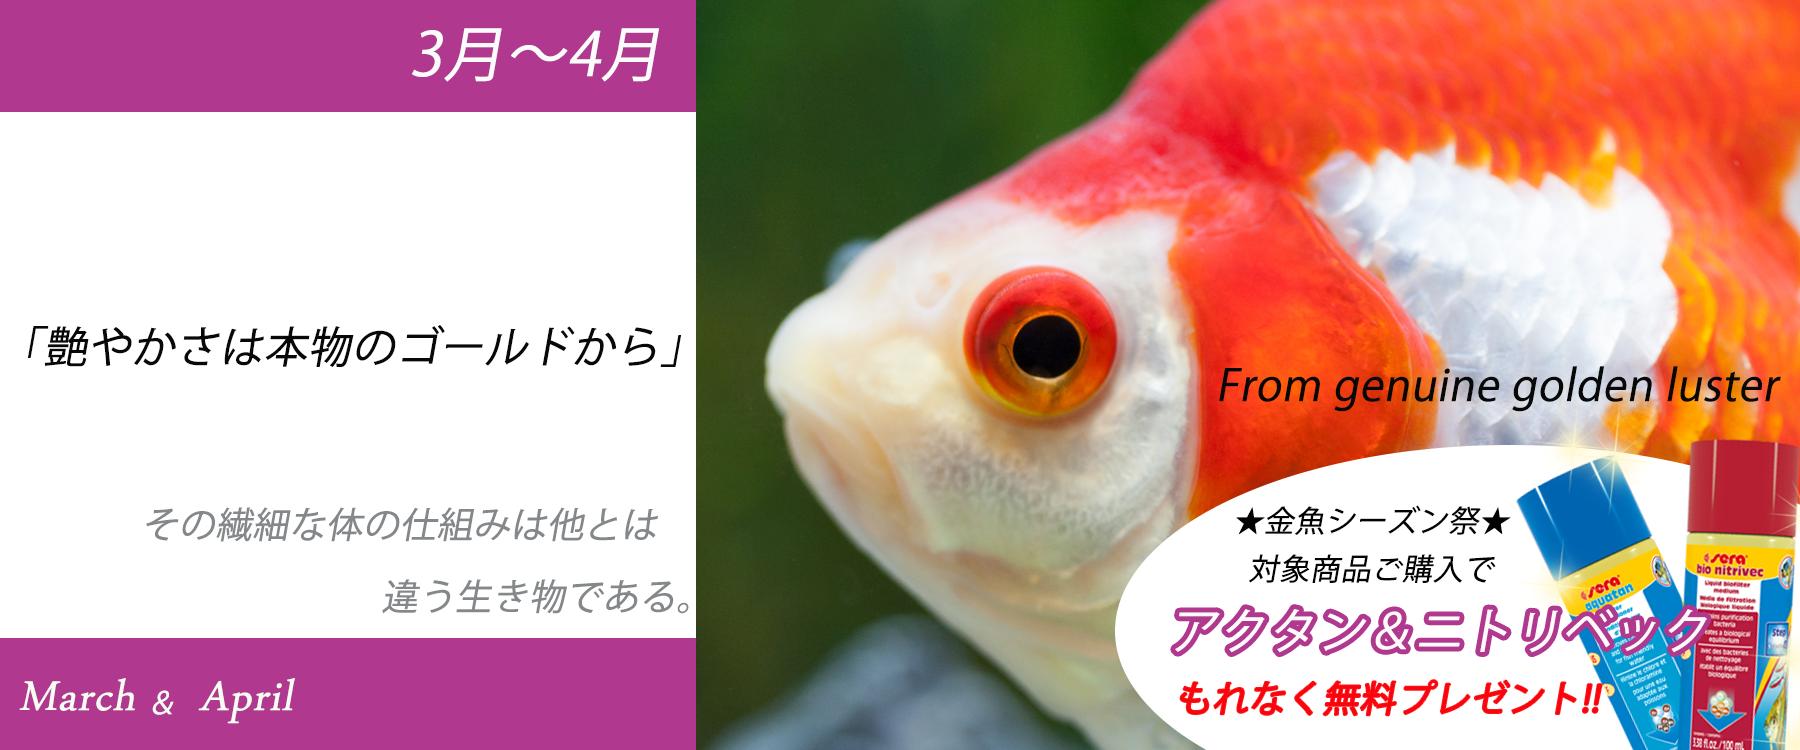 3月~4月金魚シーズン祭